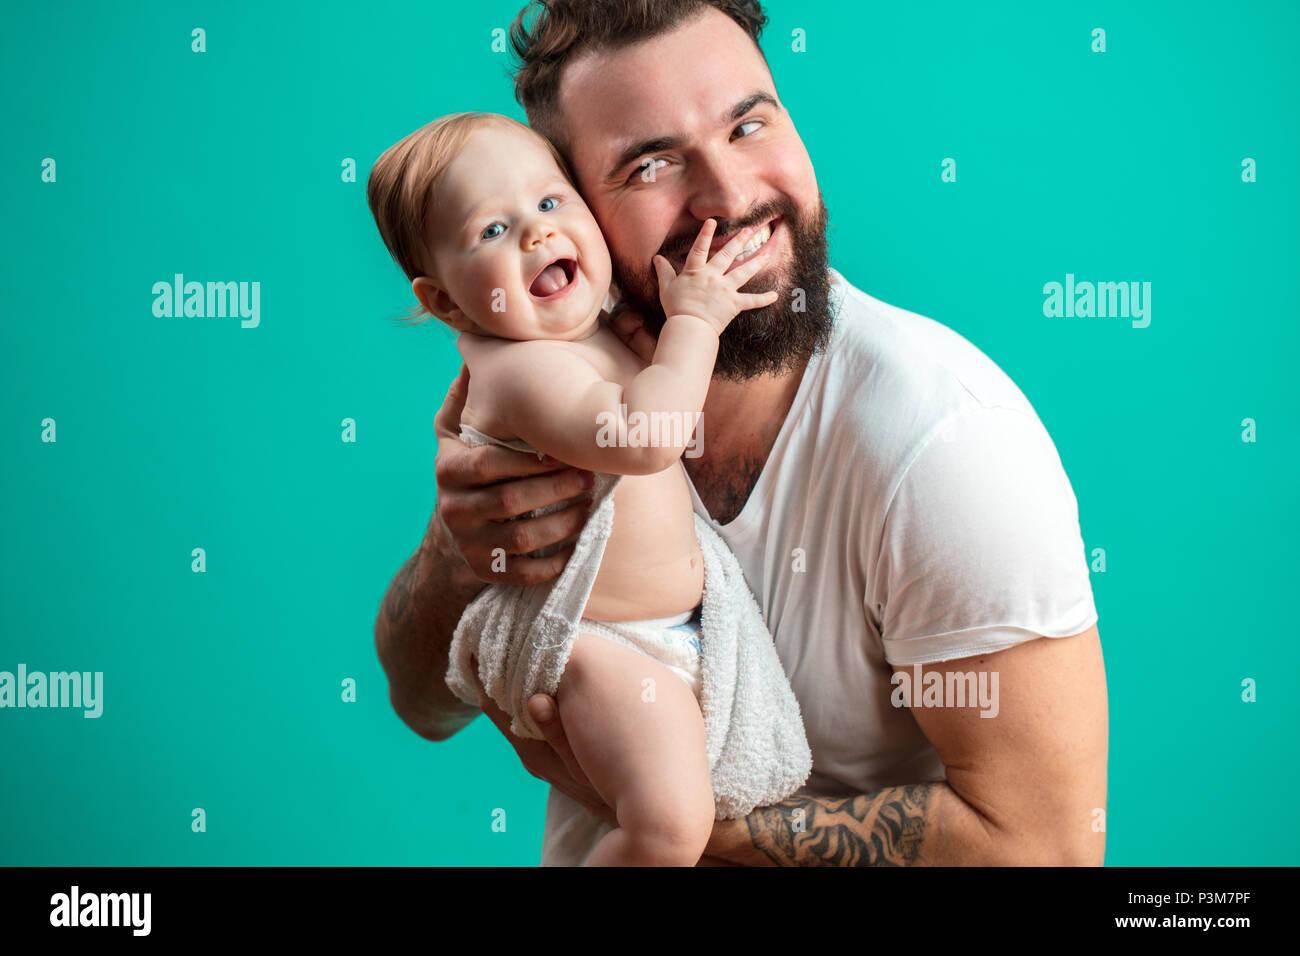 Giocoso padre portando la sua sorridente neonato sul collo su sfondo blu Immagini Stock